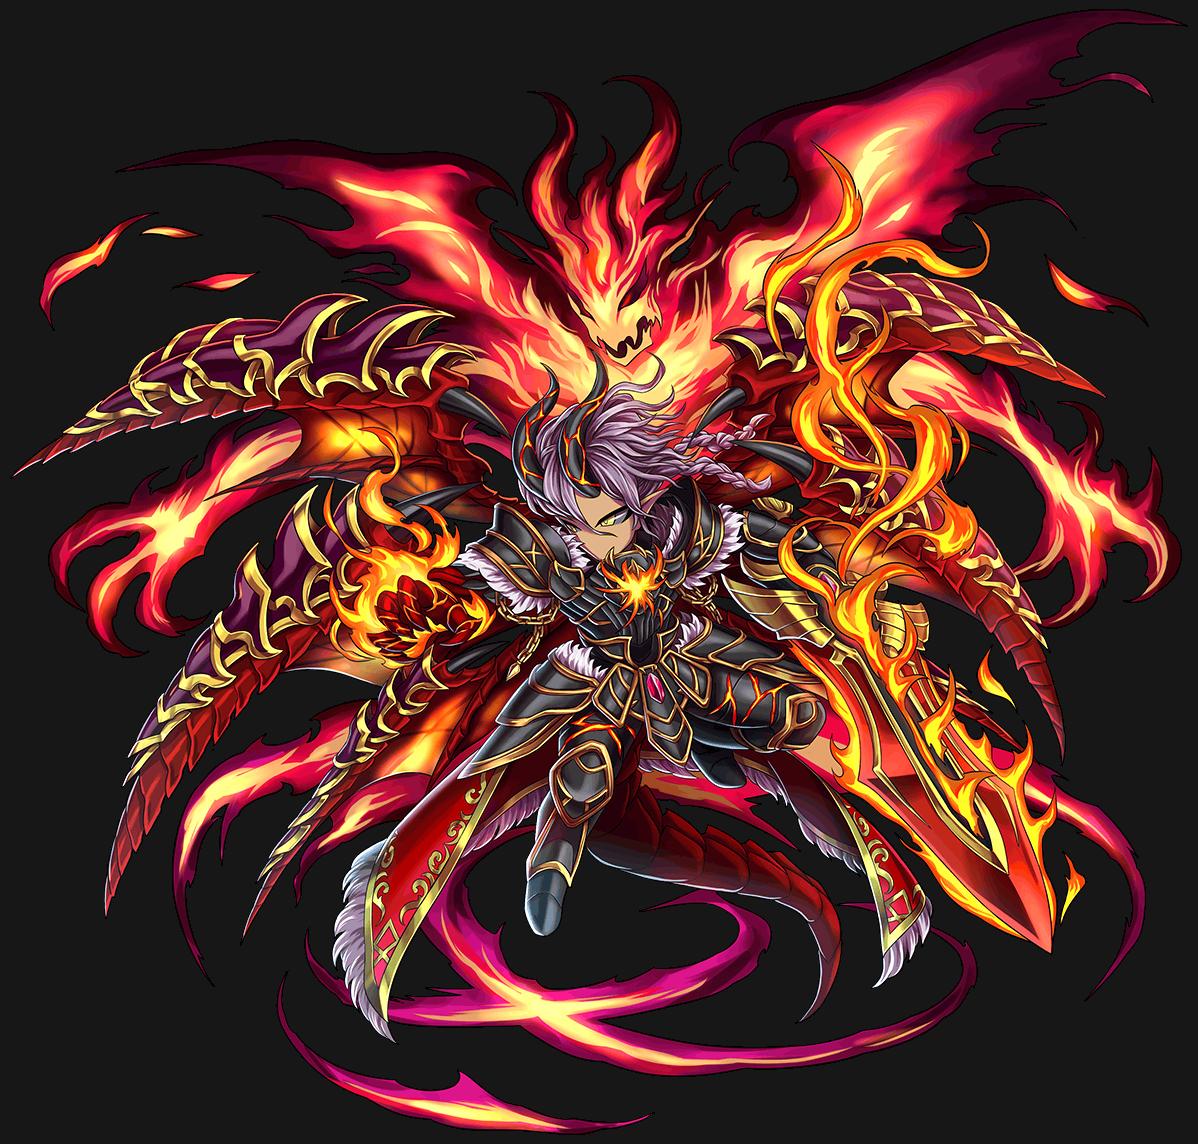 魔煌の焔統神アデル